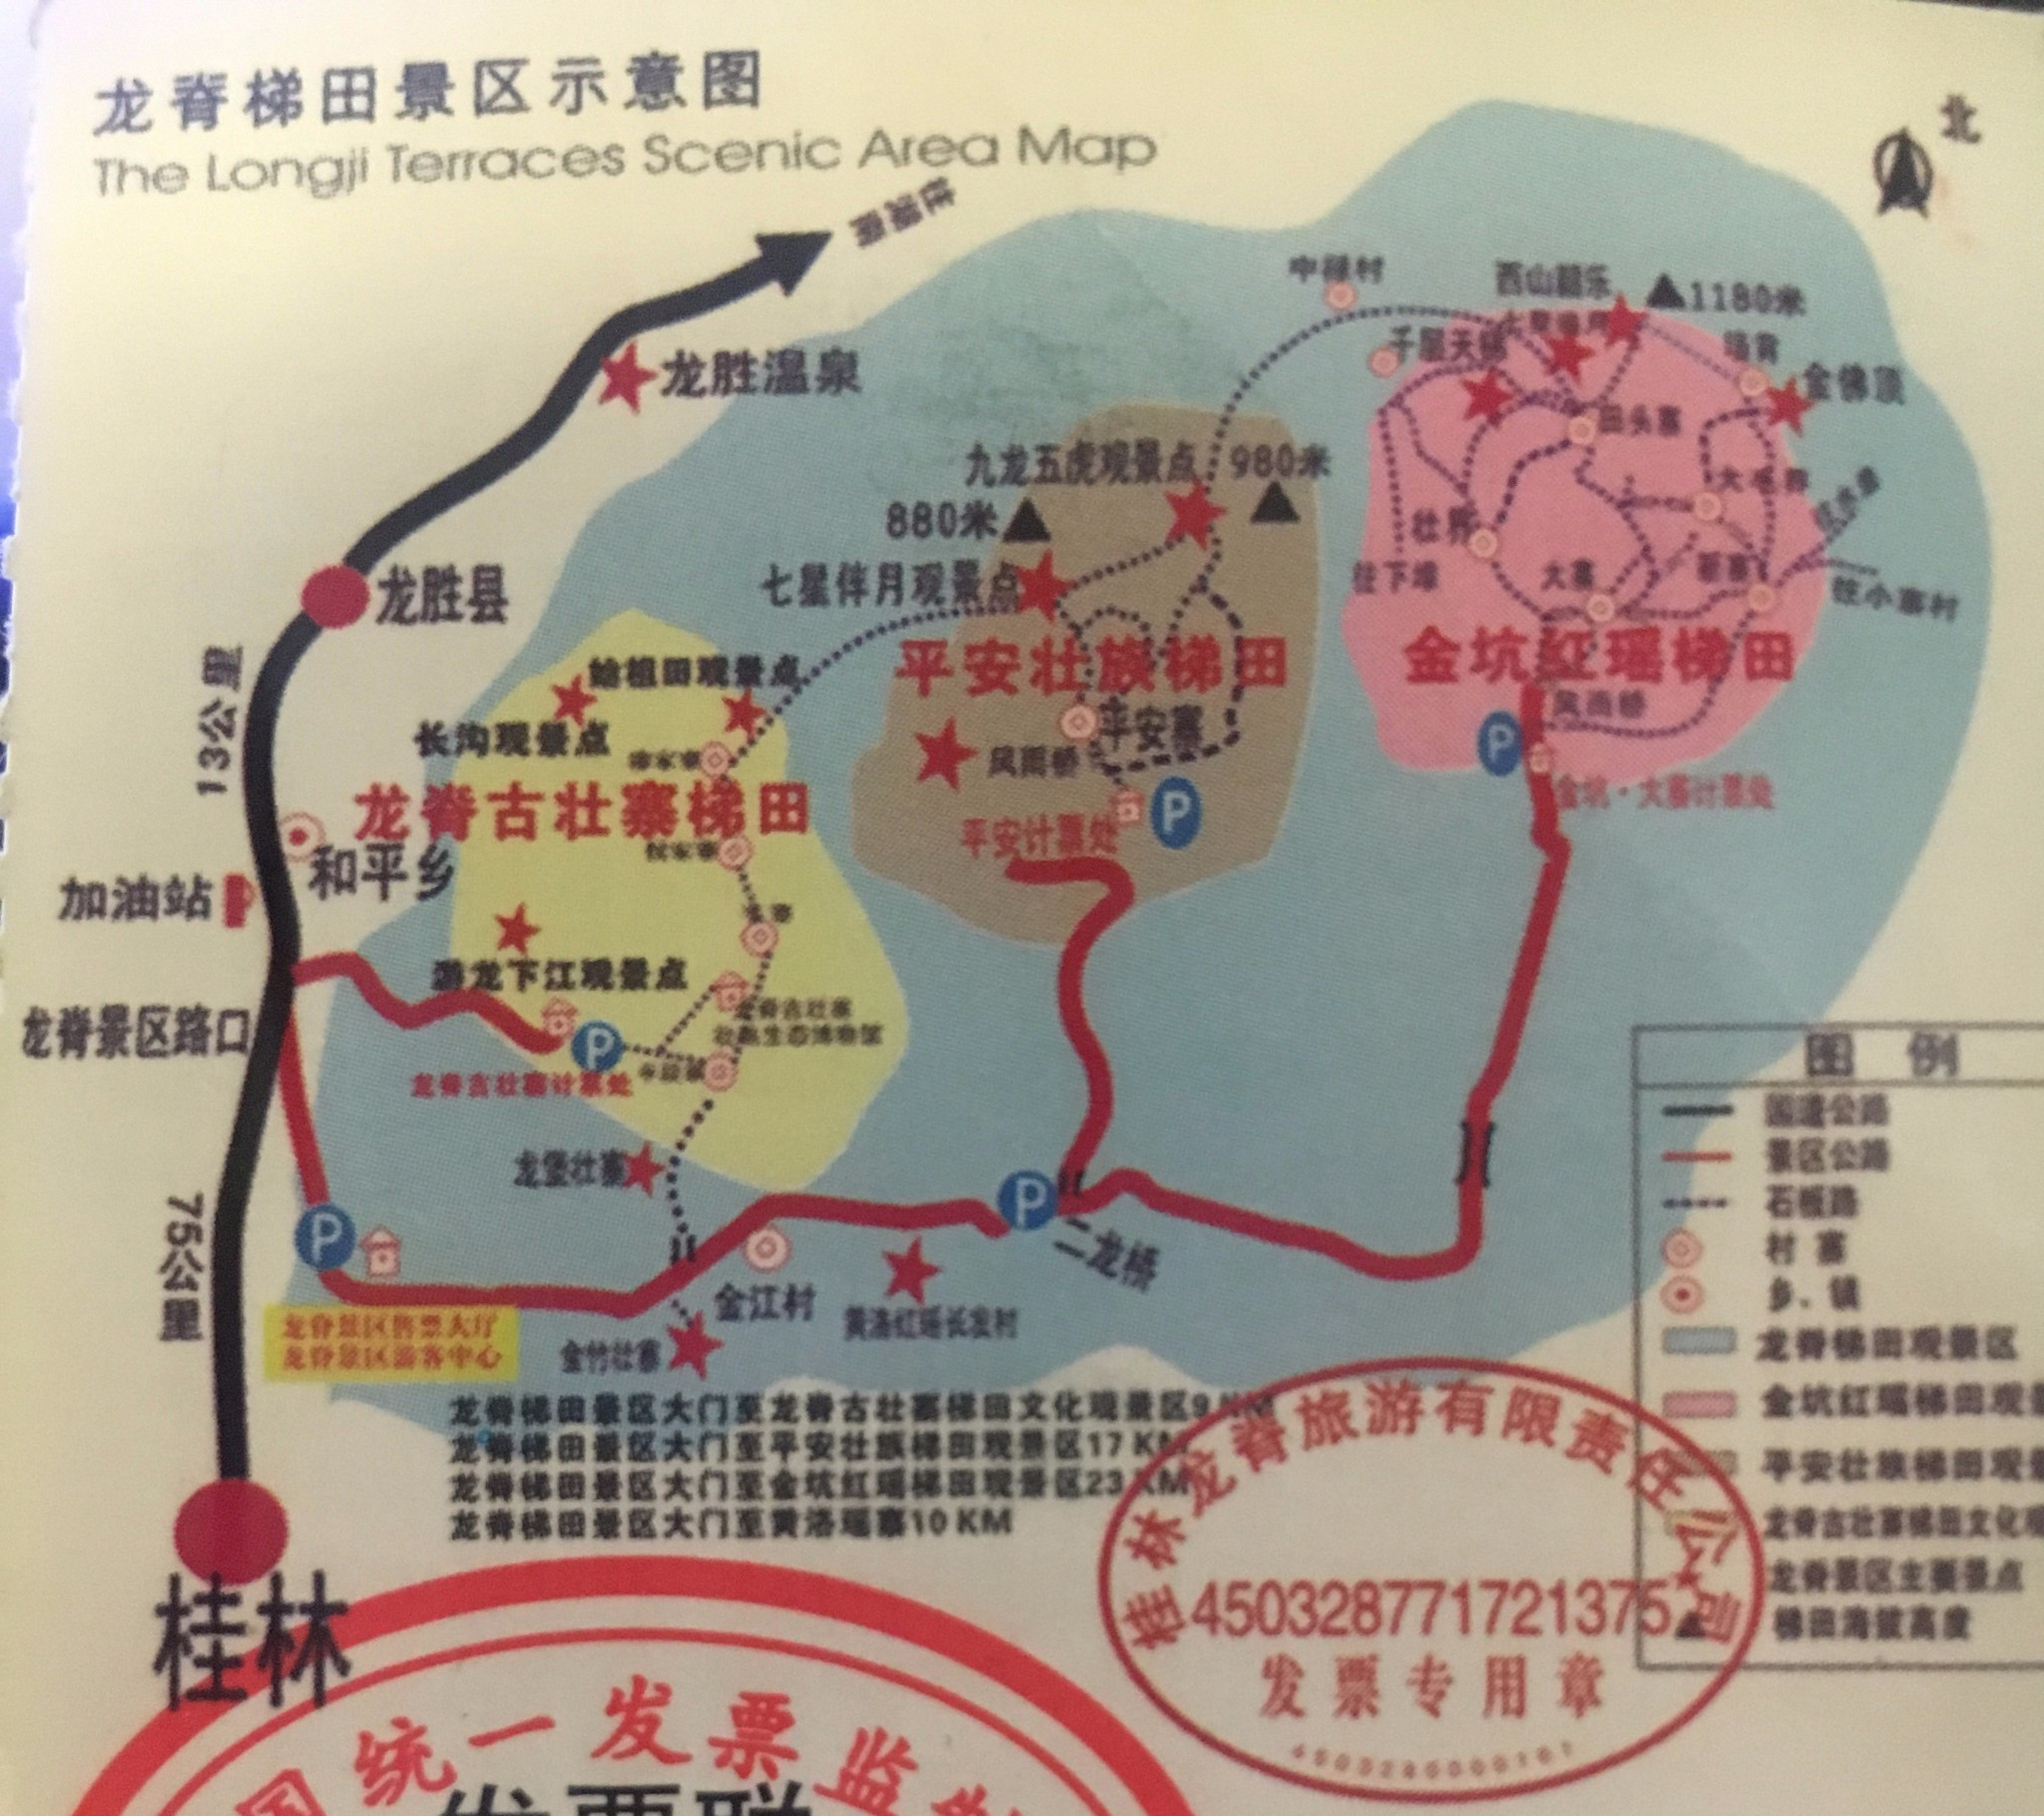 【桂林山水甲天下】来看看到底有几甲(含线路攻略)_游记